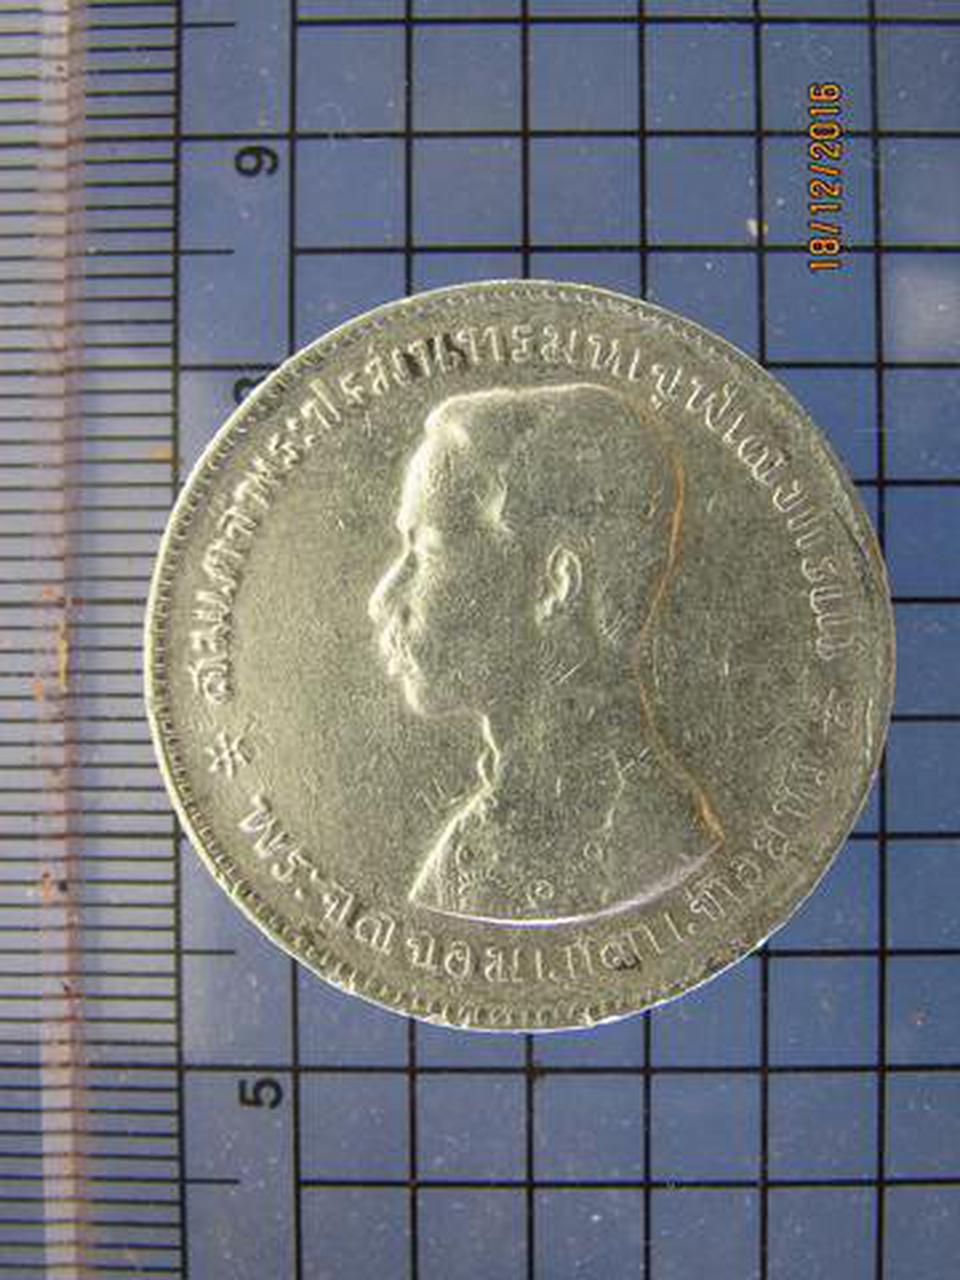 4118 เหรียญเนื้อเงิน ร.5 หนึ่งบาท ไม่มี รศ. หลังตราแผ่นดิน ป รูปที่ 4